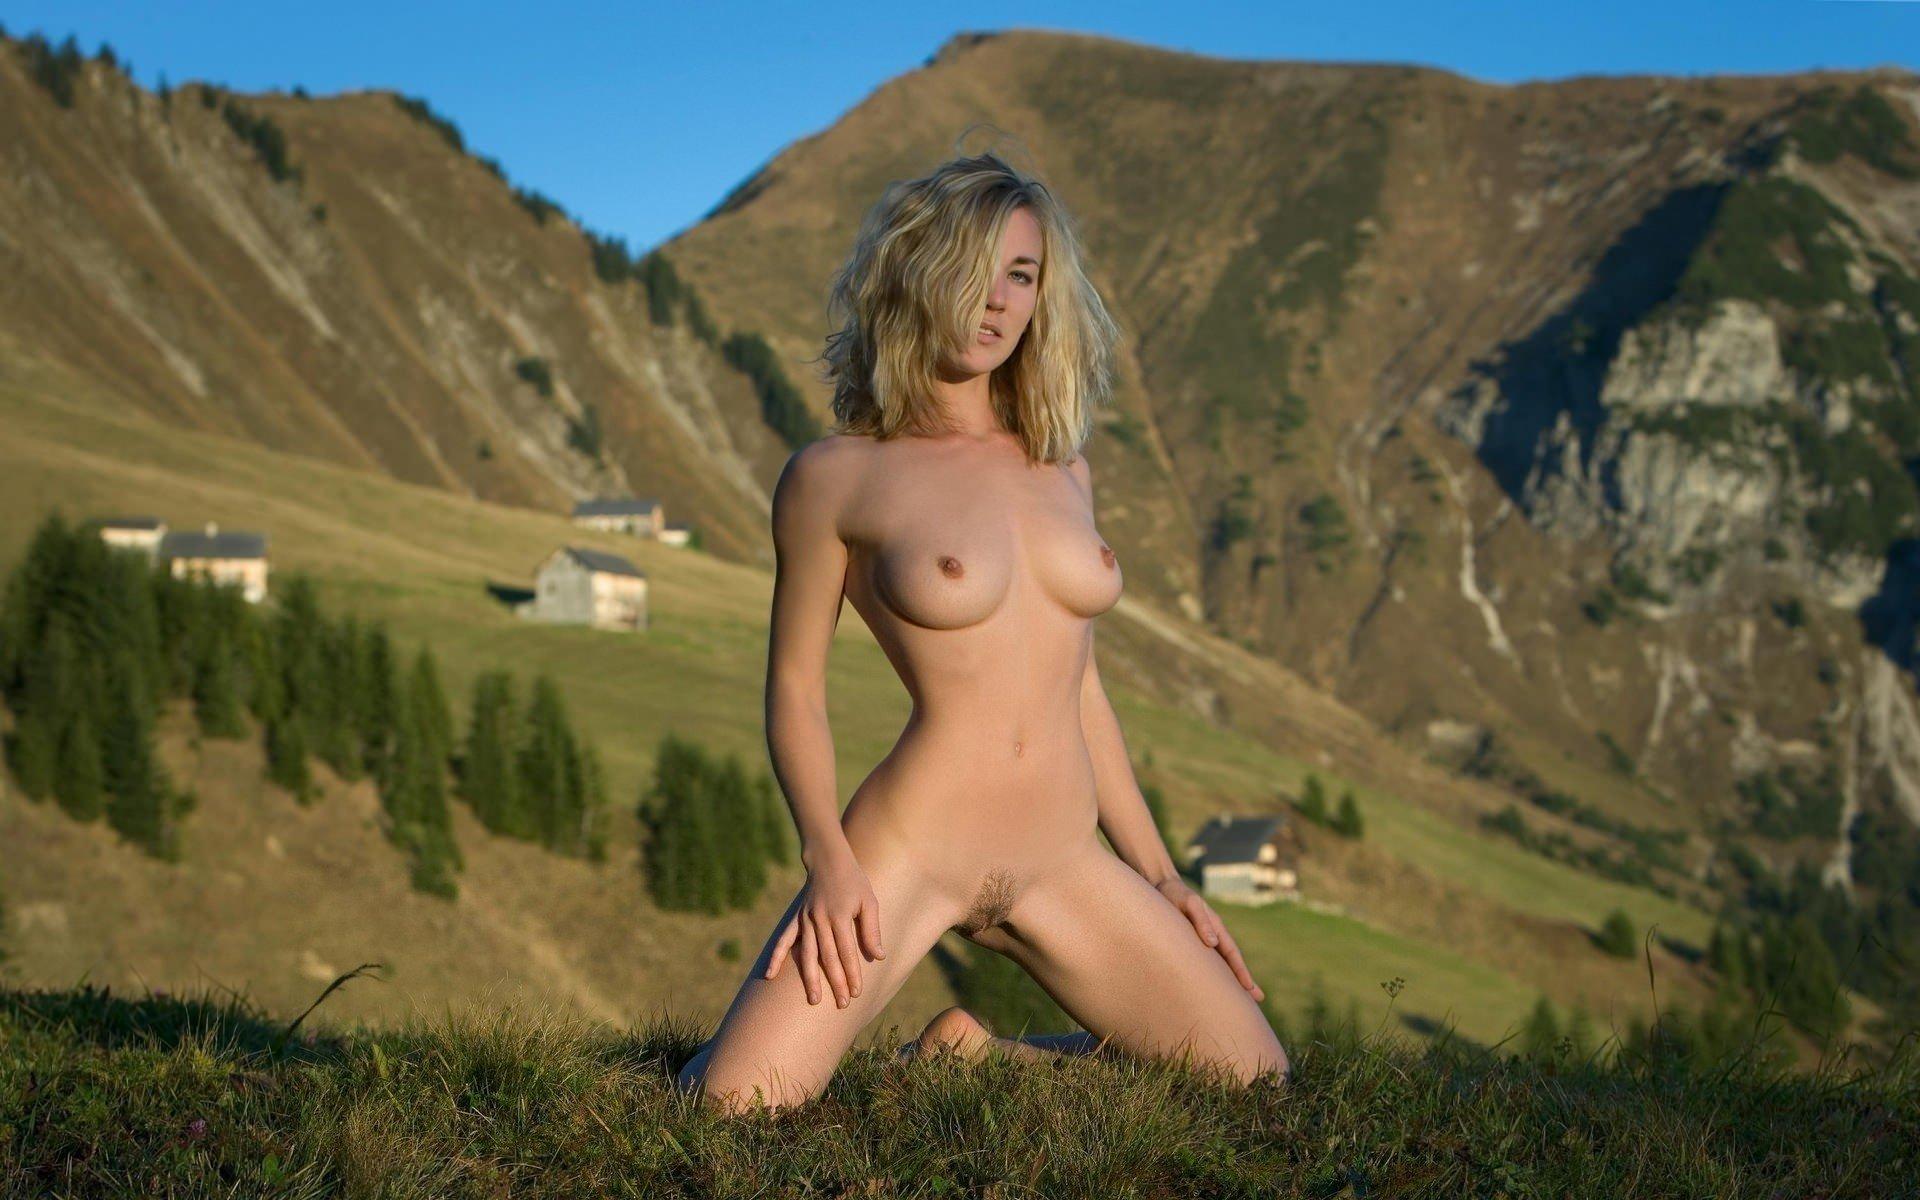 golie-zhenshini-v-gorah